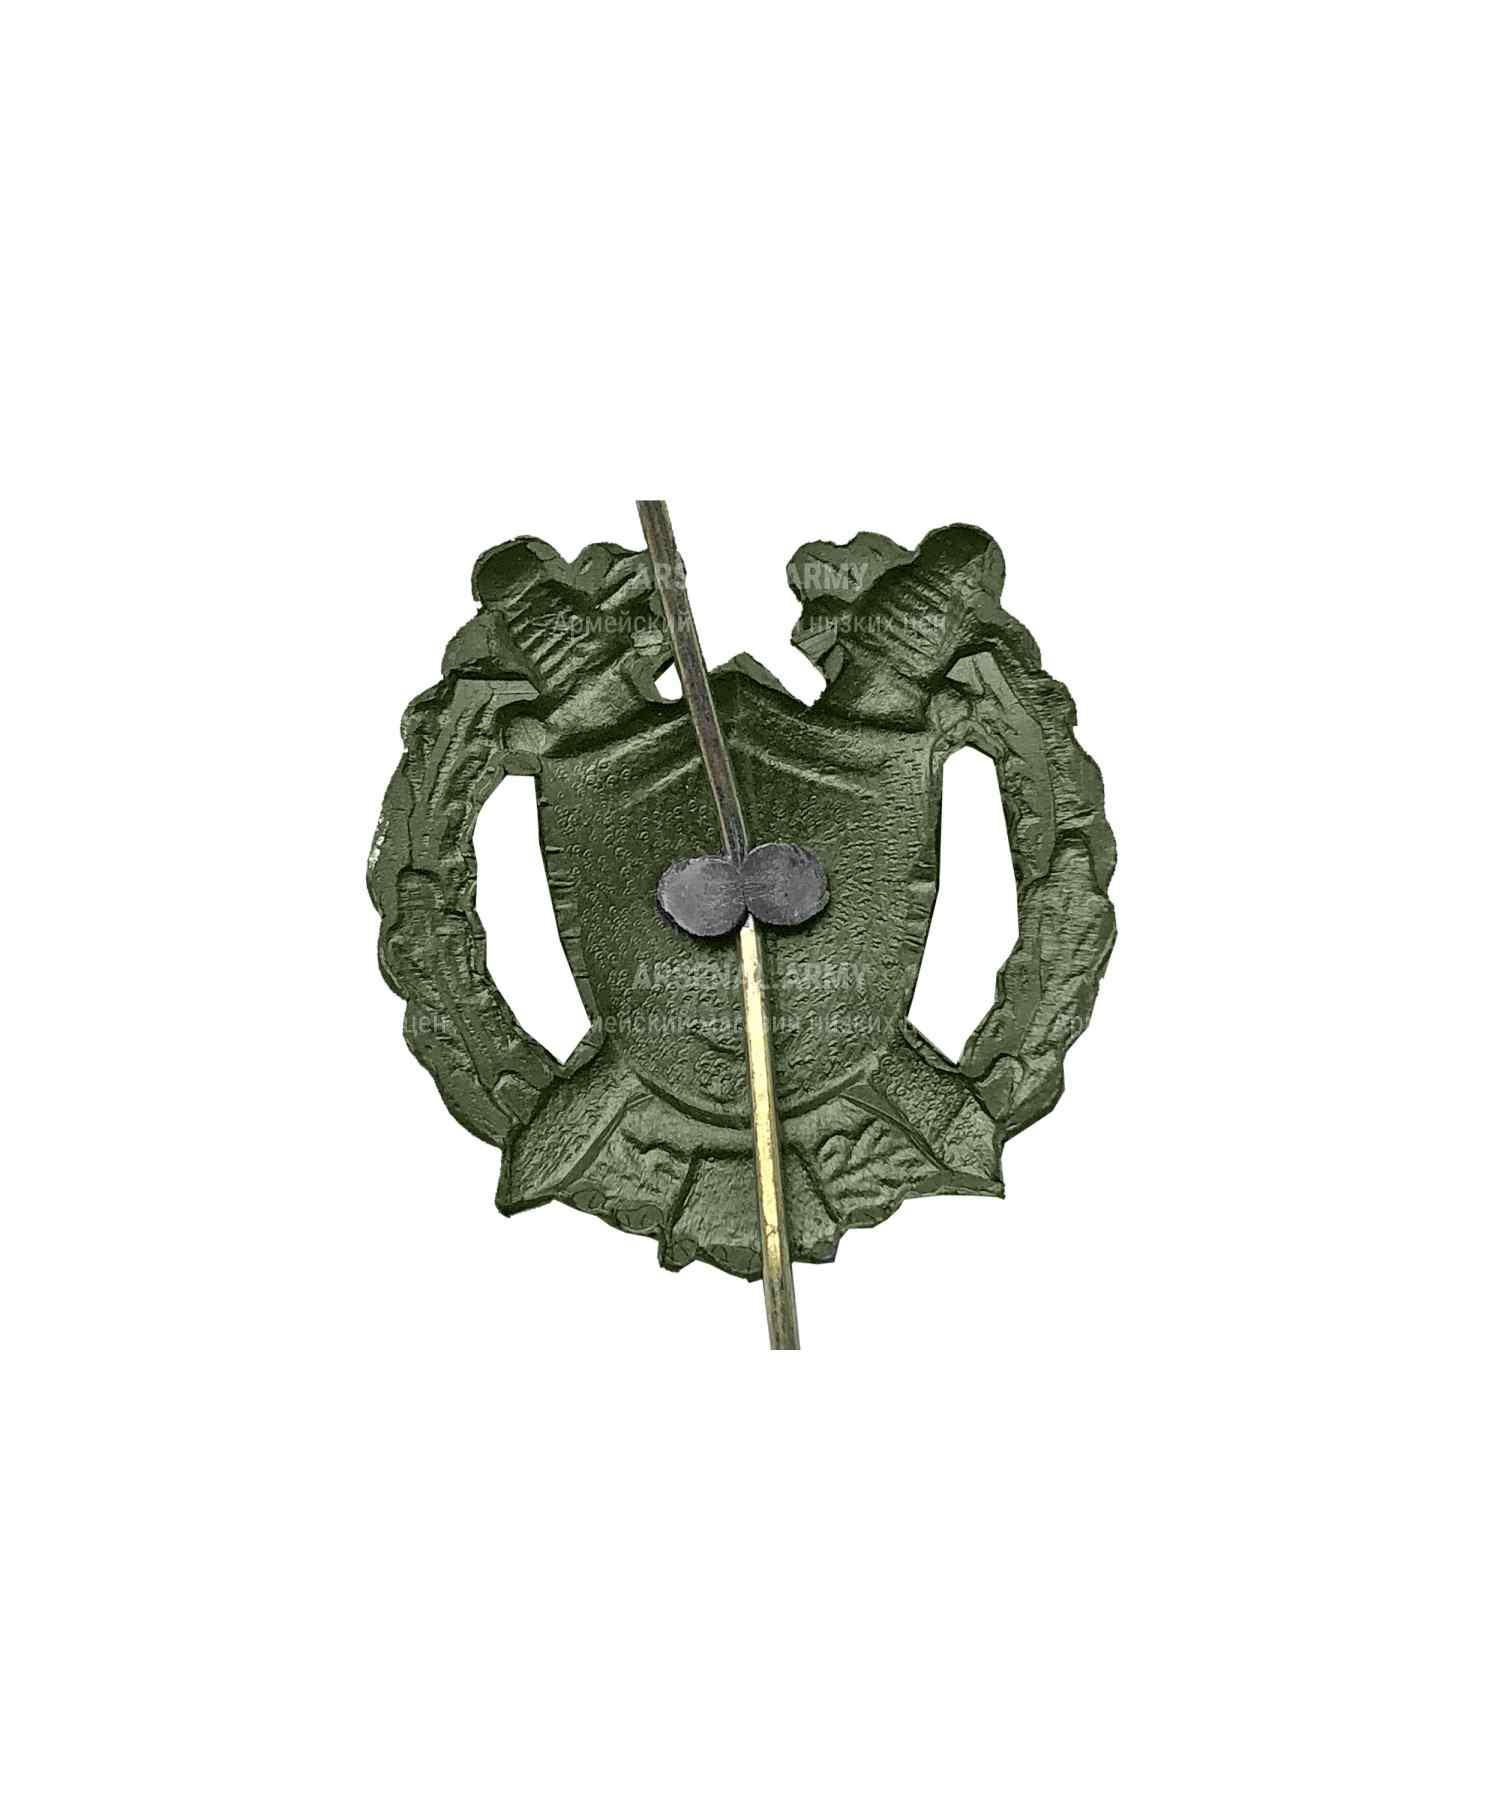 Эмблема юстиции металлическая зеленая